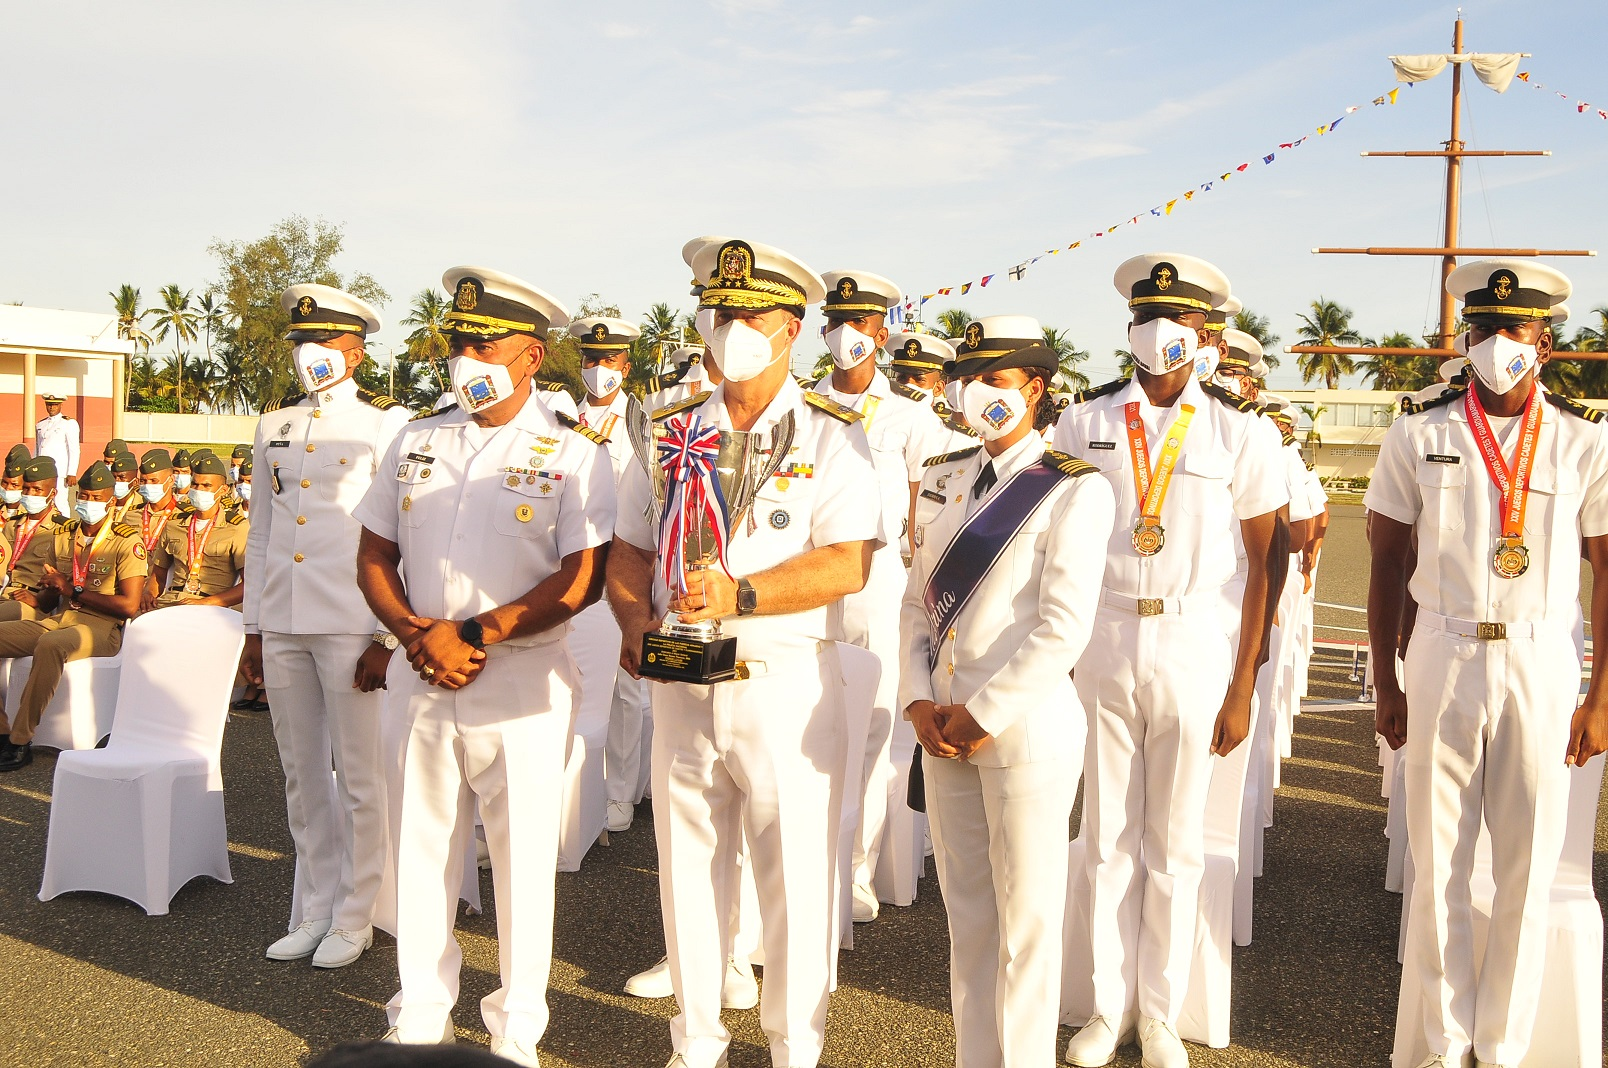 El comandante general de la Armada, vicealmirante Ramón Gustavo Betances Hernández, junto al capitán de navío Félix Manuel Feliz José, director de la Academia Naval, la madrina guardiamarina de cuarto año Liliana Sierra Adames, y los guardiamarinas que ganaron los Juegos de Cadetes.